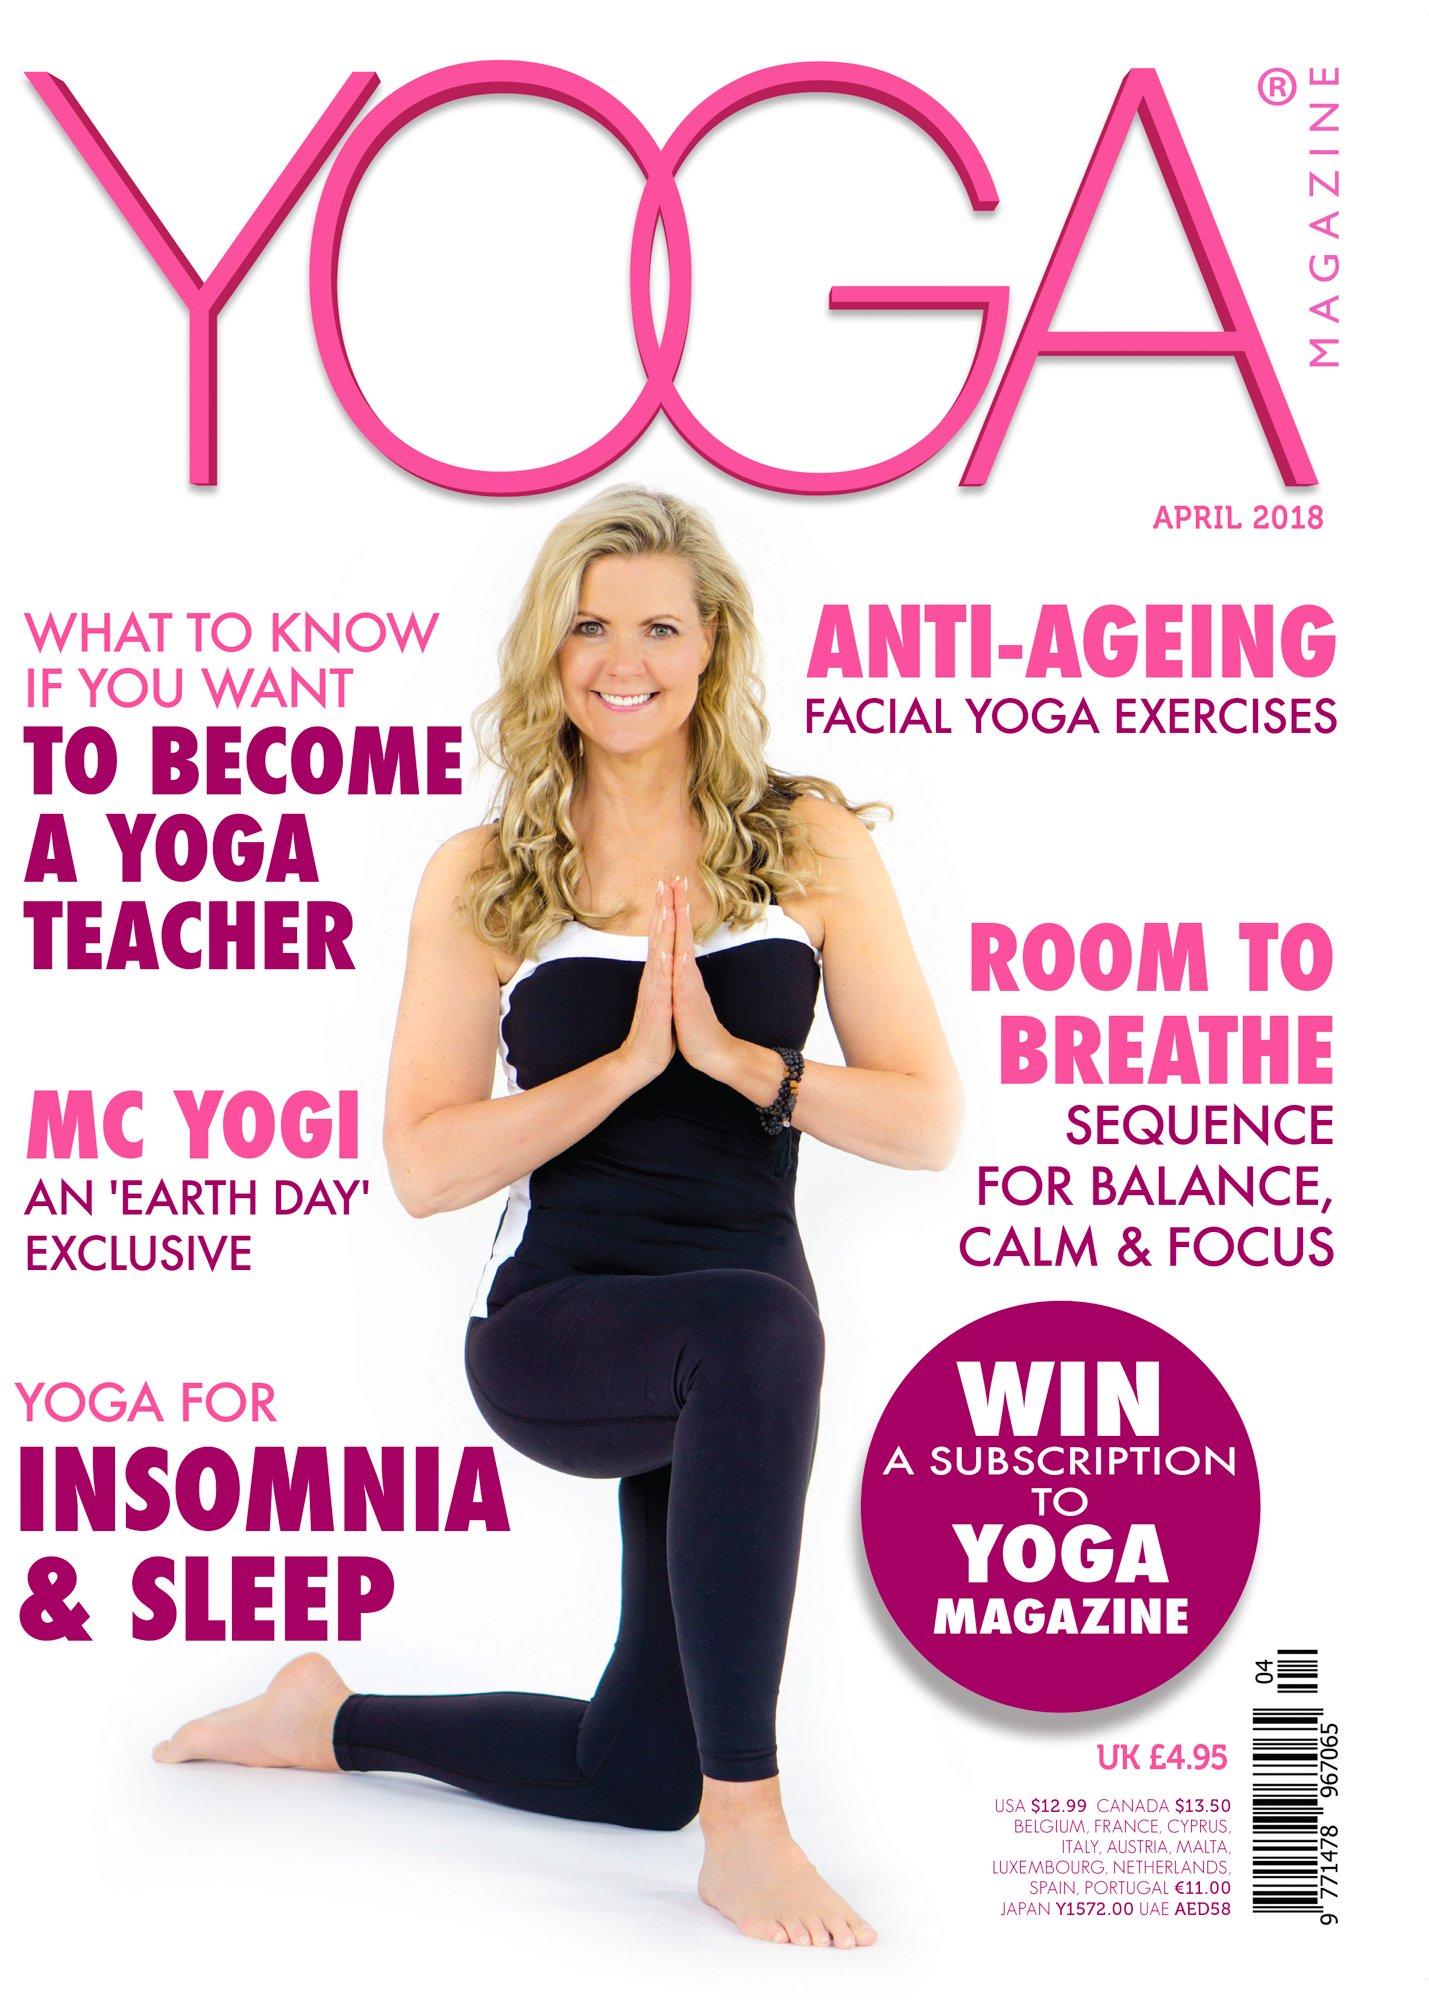 Breathe Yoga Studio Johns Creek Alpharetta Yoga Retreat Sedona